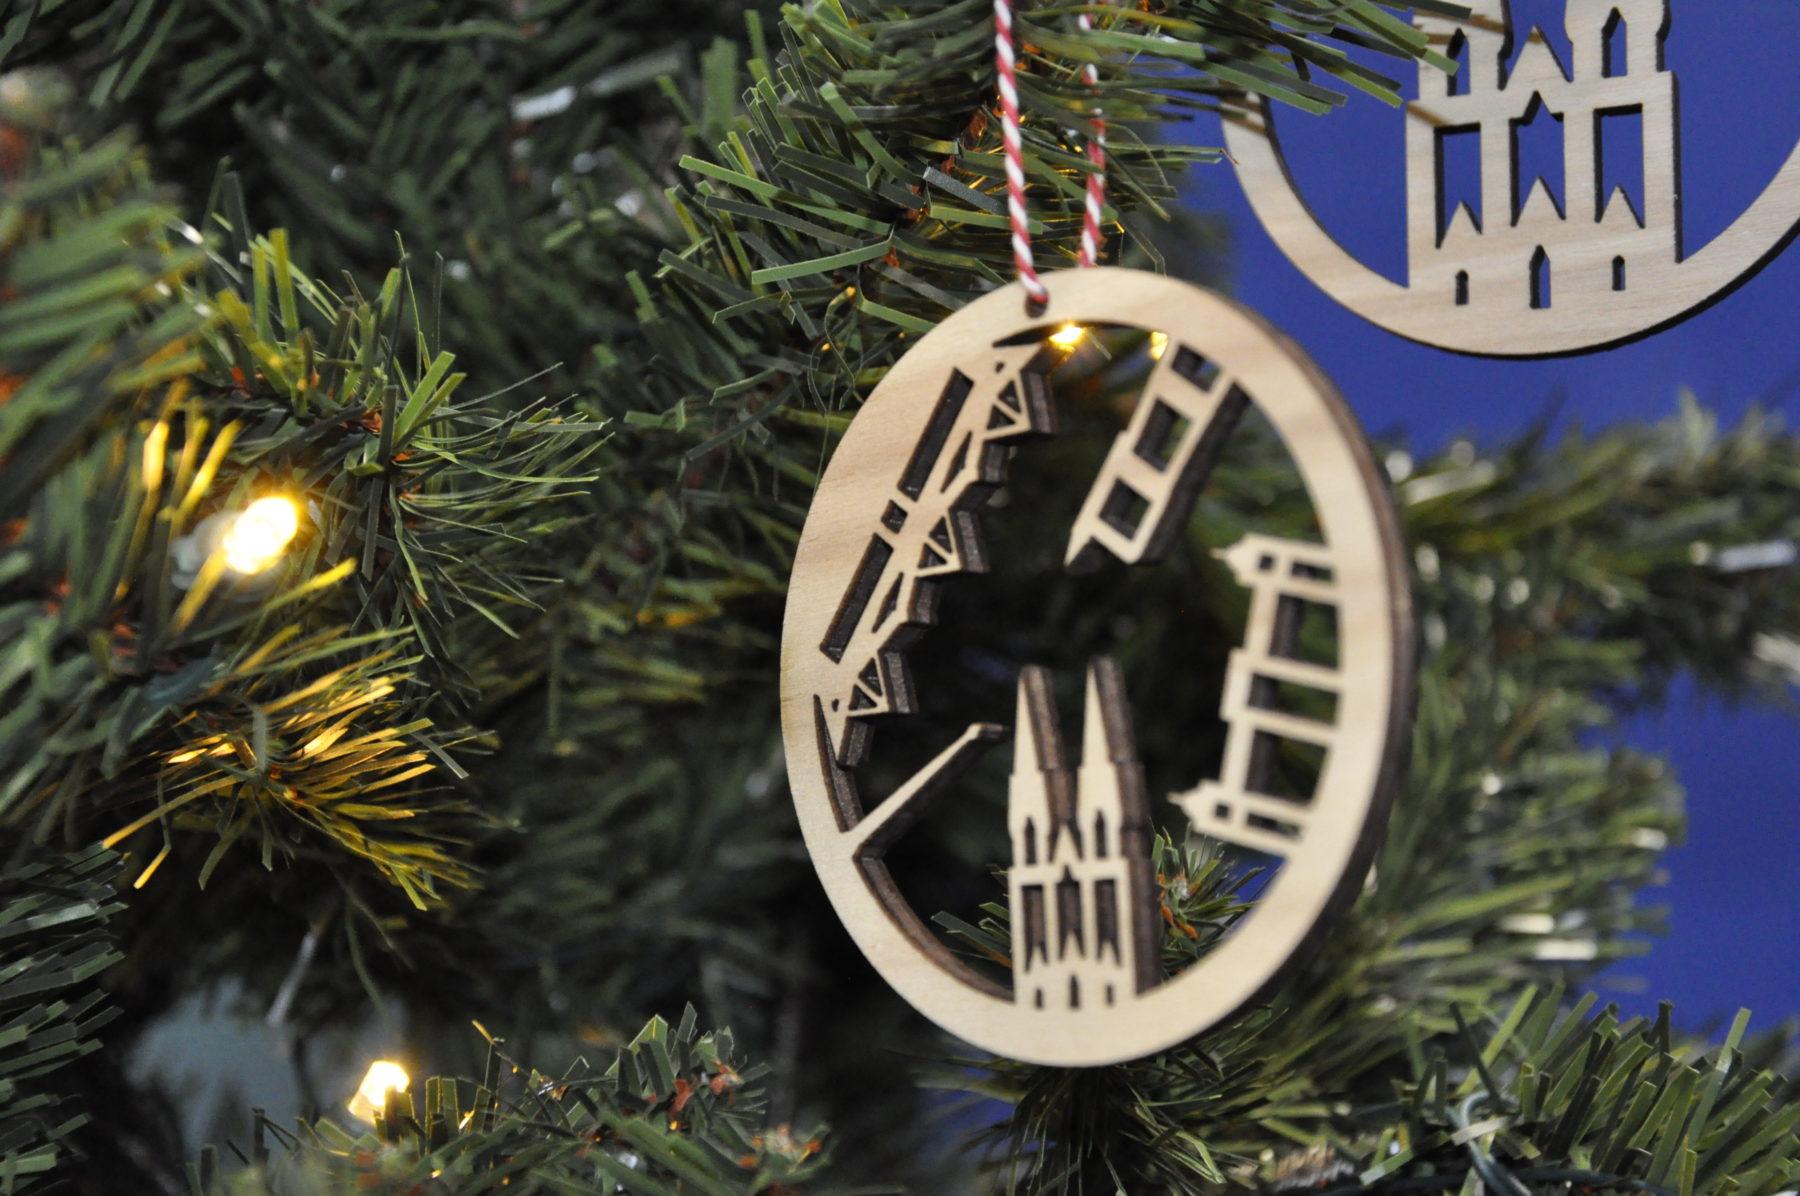 Tilburgse kerstballen